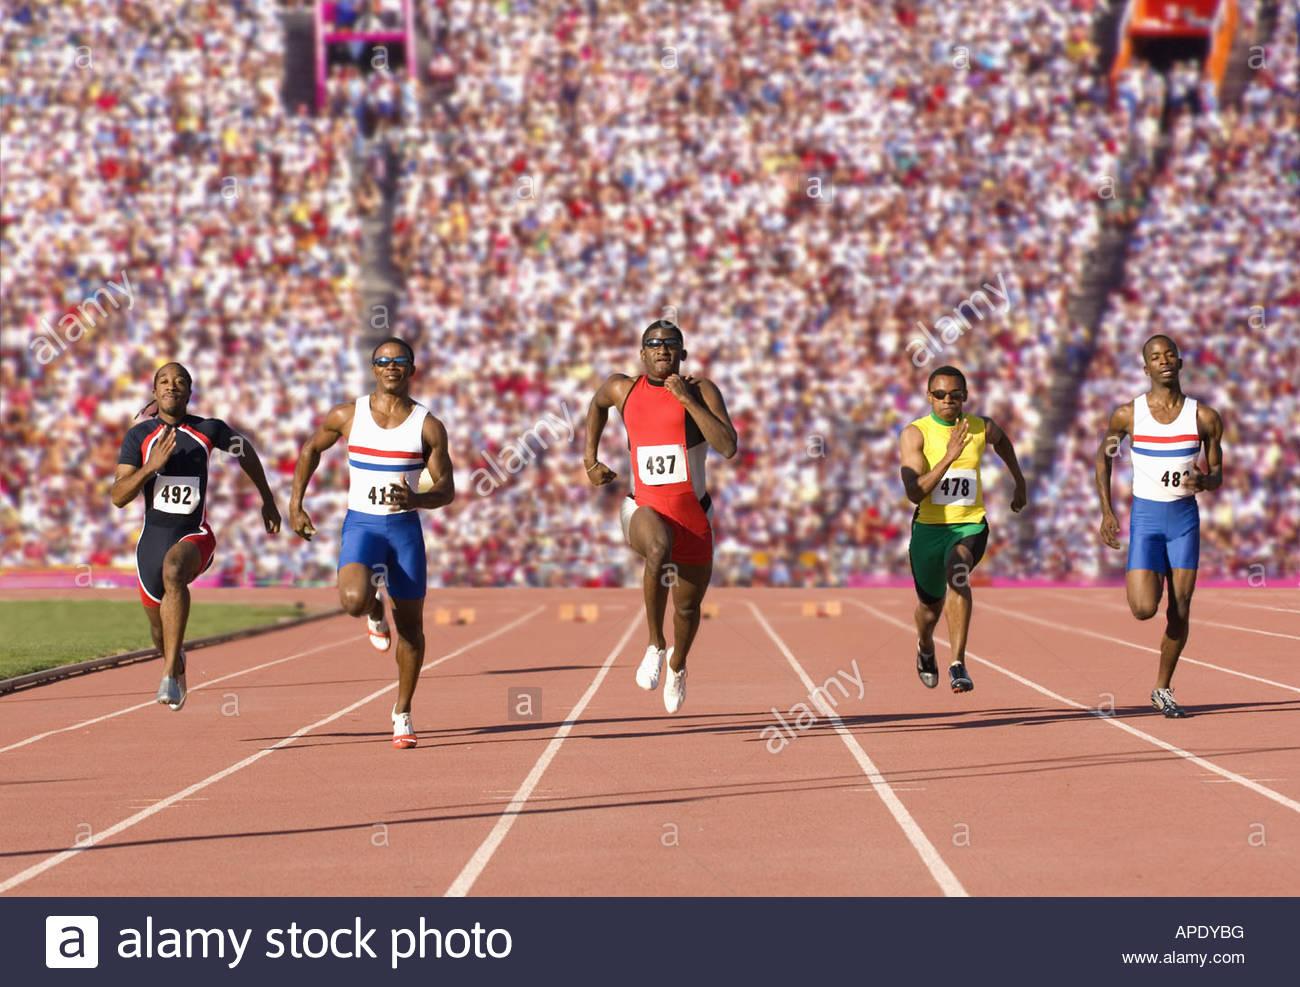 Läufer Rennen auf outdoor-Strecke Stockbild